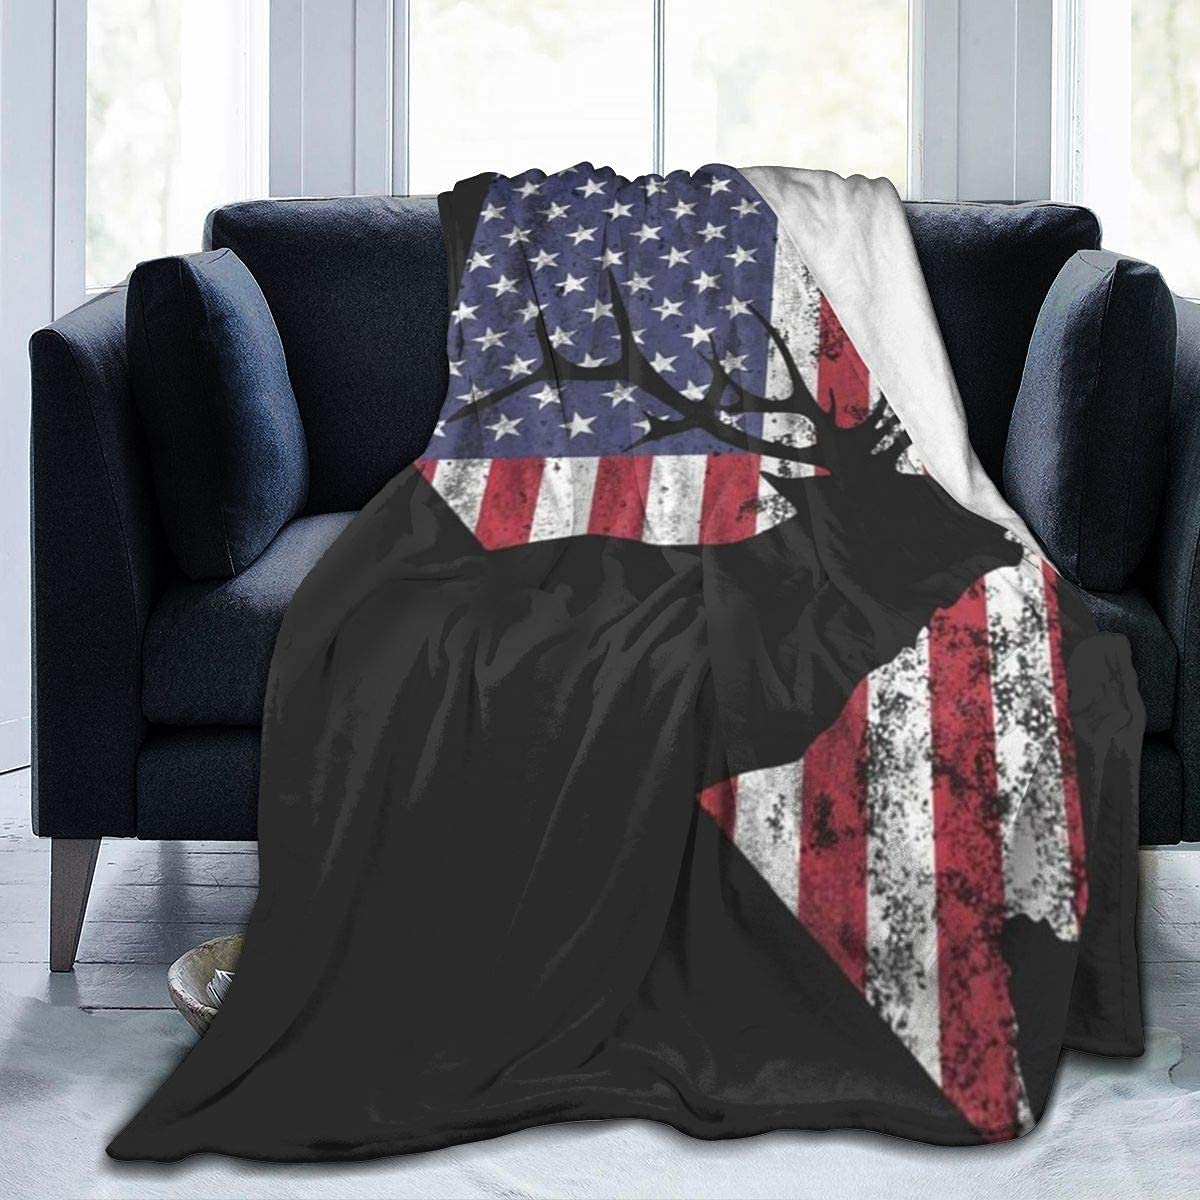 Manta de Tiro de Terciopelo Nevada EE. UU.La Bandera de jardín de Alces Ultra Suave, Ligera, acogedora, cálida, Manta de Microfibra de Microfibra para Cama, sofá, Silla